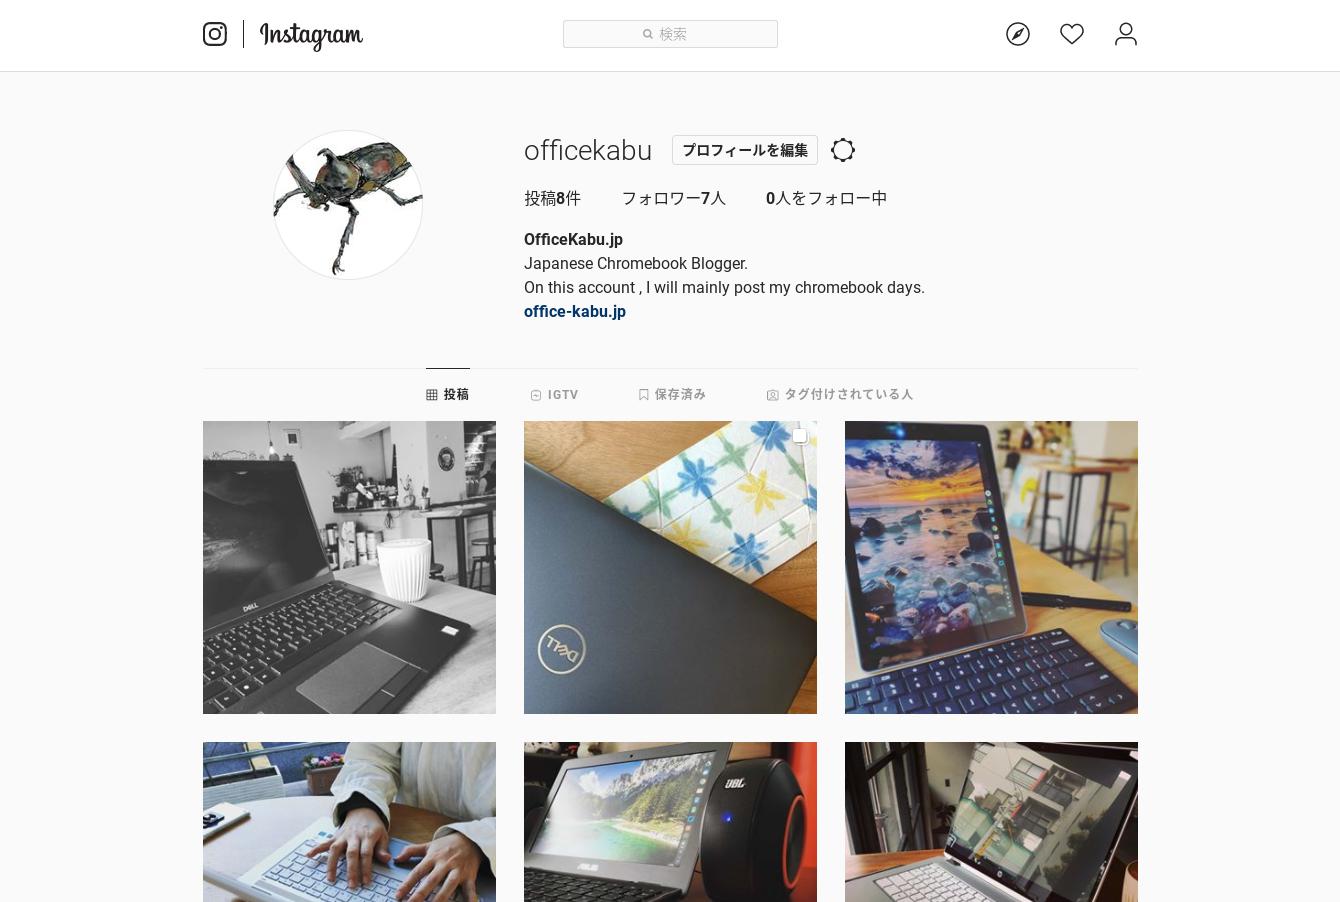 [かぶ] おふぃすかぶ、Instagram始めます(主にChromebookな日常 #mychromebookdays )。